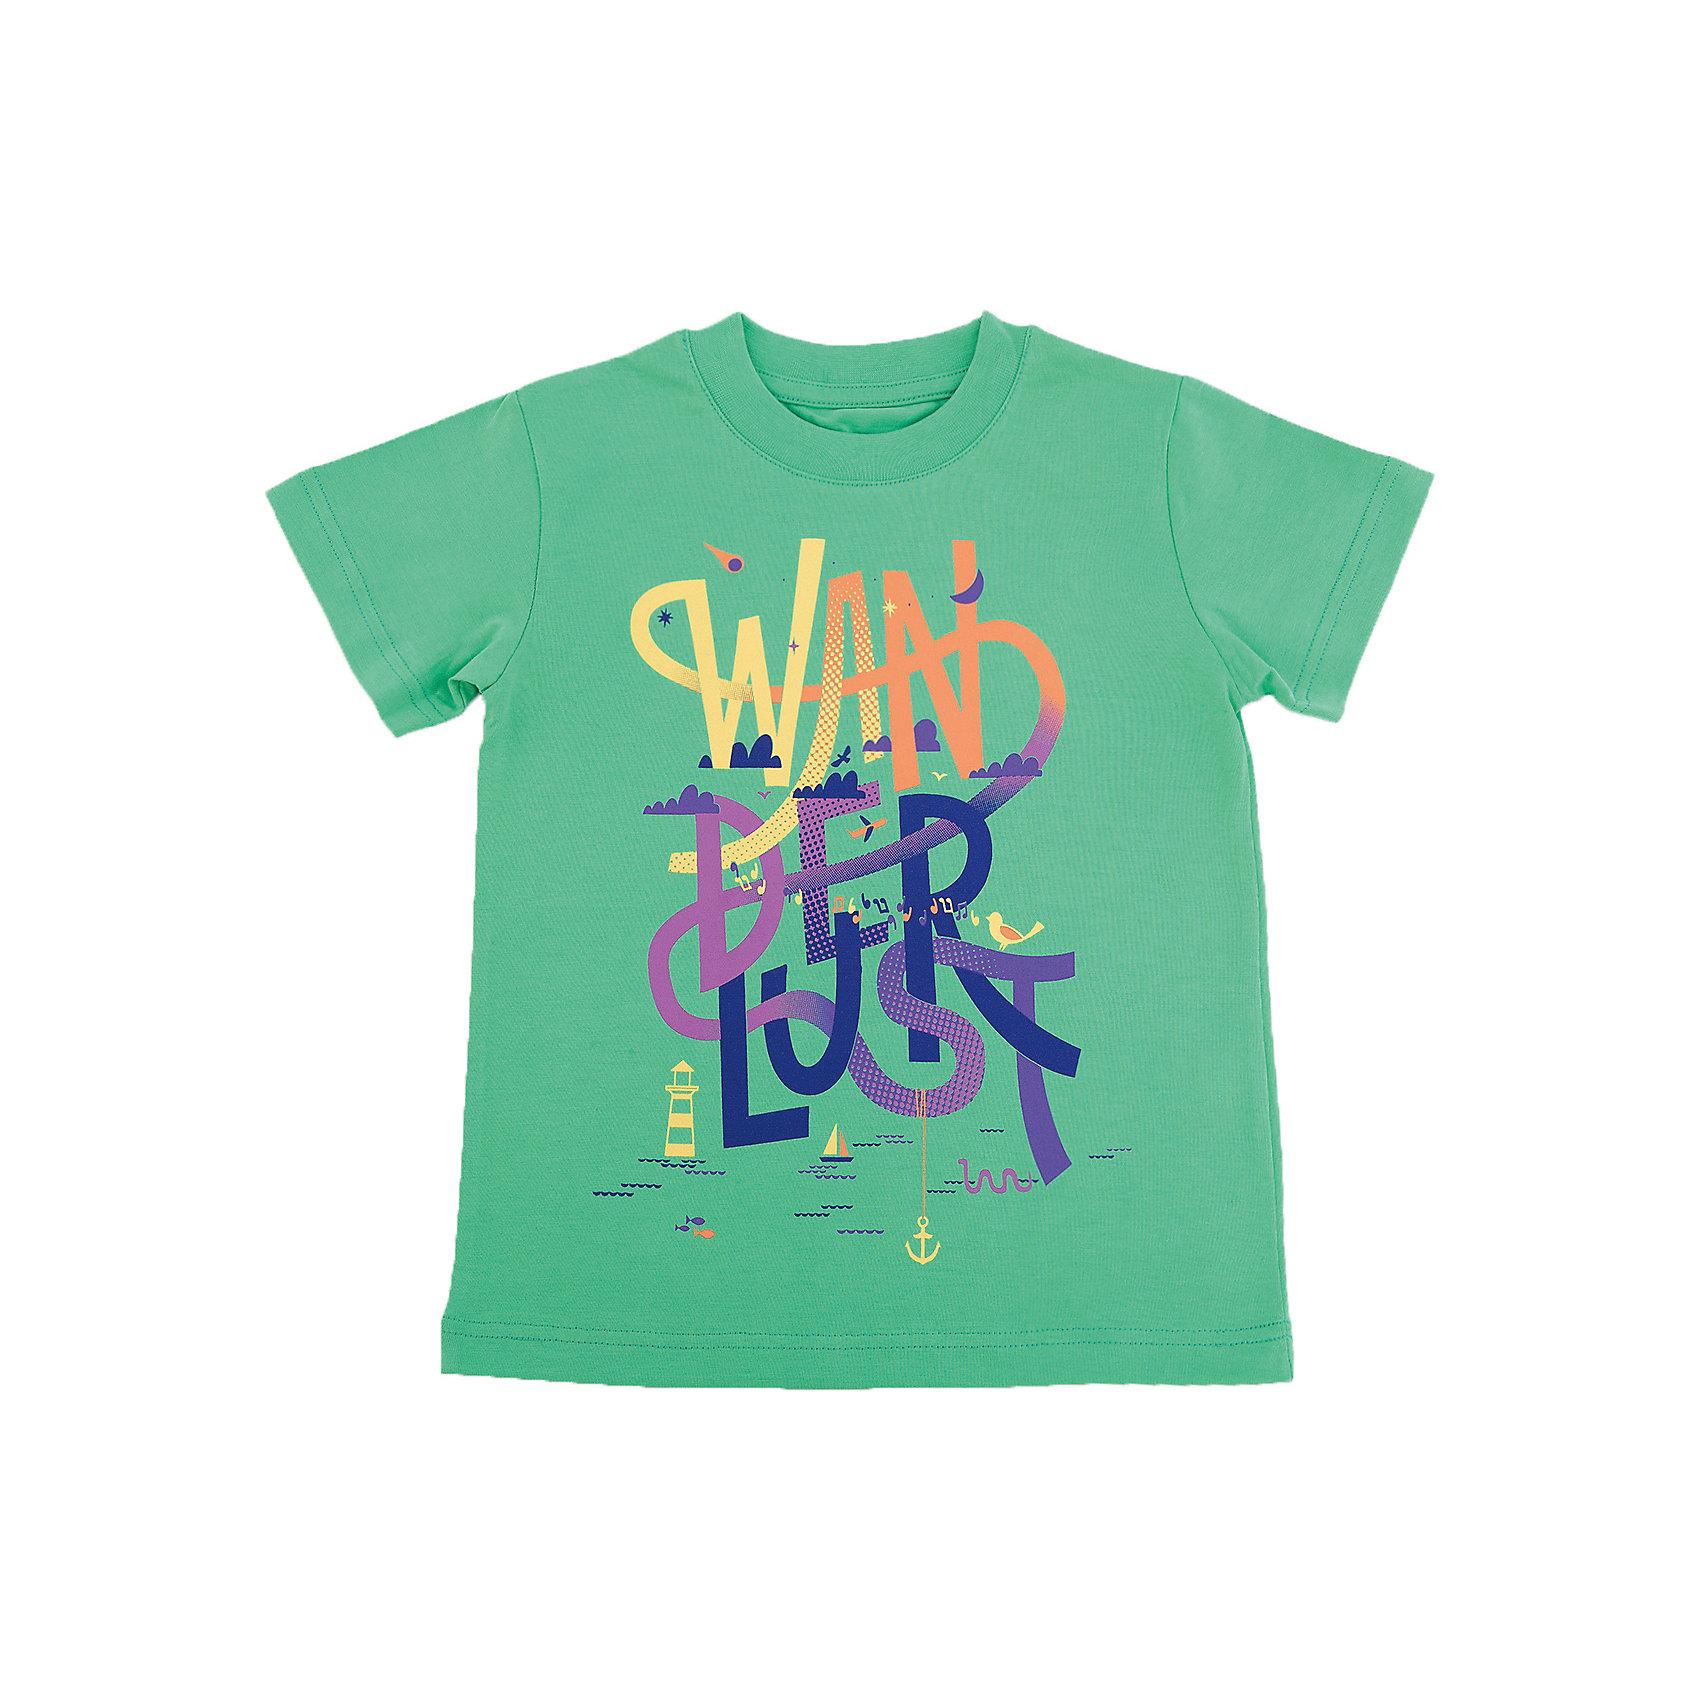 Футболка для мальчика WOWФутболки, поло и топы<br>Футболка для мальчика WOW<br>Незаменимой вещью в  гардеробе послужит футболка с коротким рукавом. Стильная и в тоже время комфортная модель, с яркой оригинальной печатью, будет превосходно смотреться на ребенке.<br>Состав:<br>кулирная гладь 100% хлопок<br><br>Ширина мм: 199<br>Глубина мм: 10<br>Высота мм: 161<br>Вес г: 151<br>Цвет: зеленый<br>Возраст от месяцев: 72<br>Возраст до месяцев: 84<br>Пол: Мужской<br>Возраст: Детский<br>Размер: 122,98,104,110,116<br>SKU: 6871545